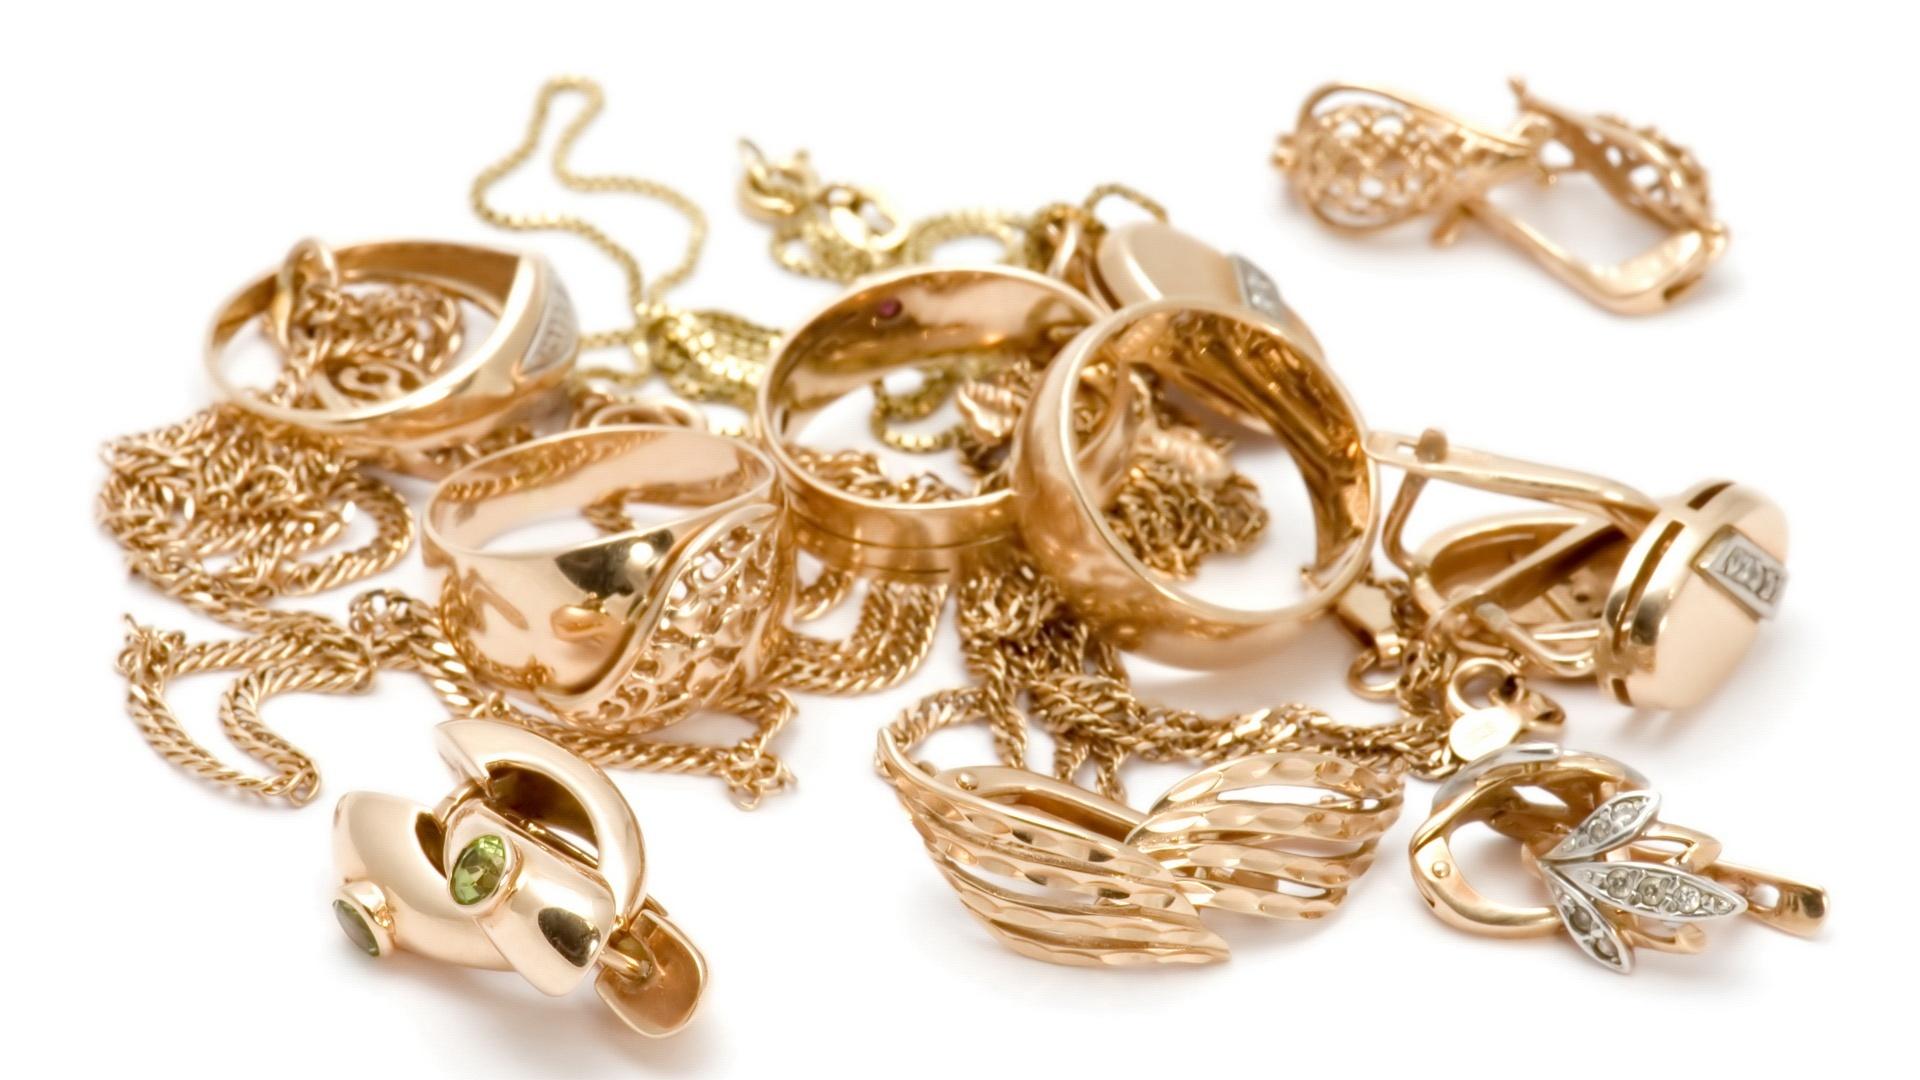 بالصور صور مجوهرات , اجمل صور المجوهرات الانيقة فى العالم 2878